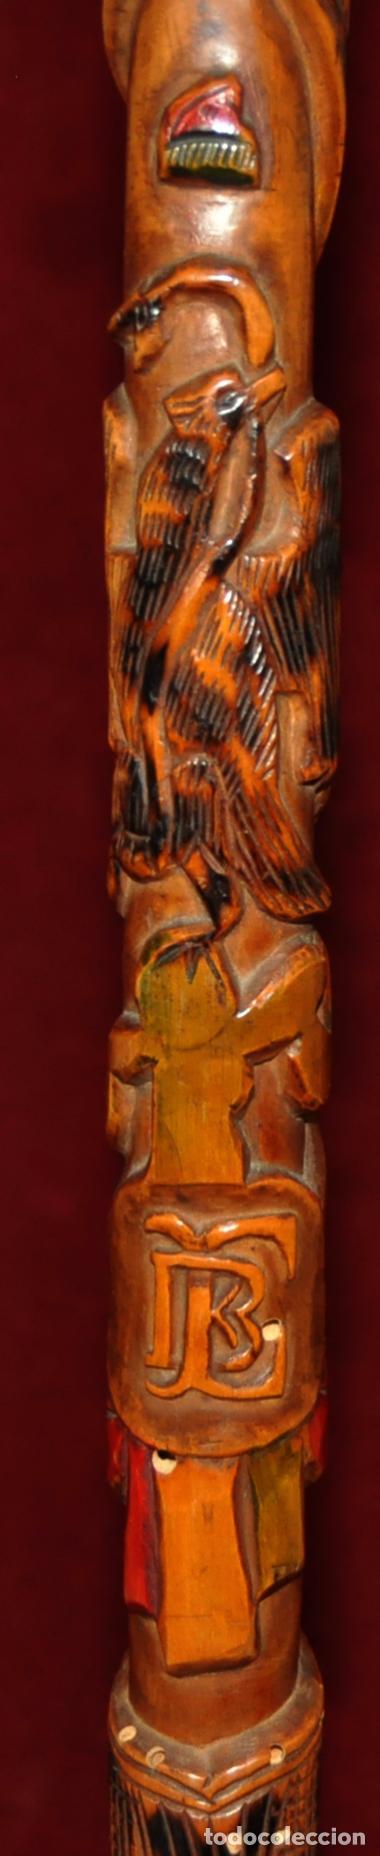 ANTIGUO BASTON EN MADERA TROPICAL Y DECORACIONES TALLADAS A MANO. CIRCA 1900 (Antigüedades - Moda - Bastones Antiguos)